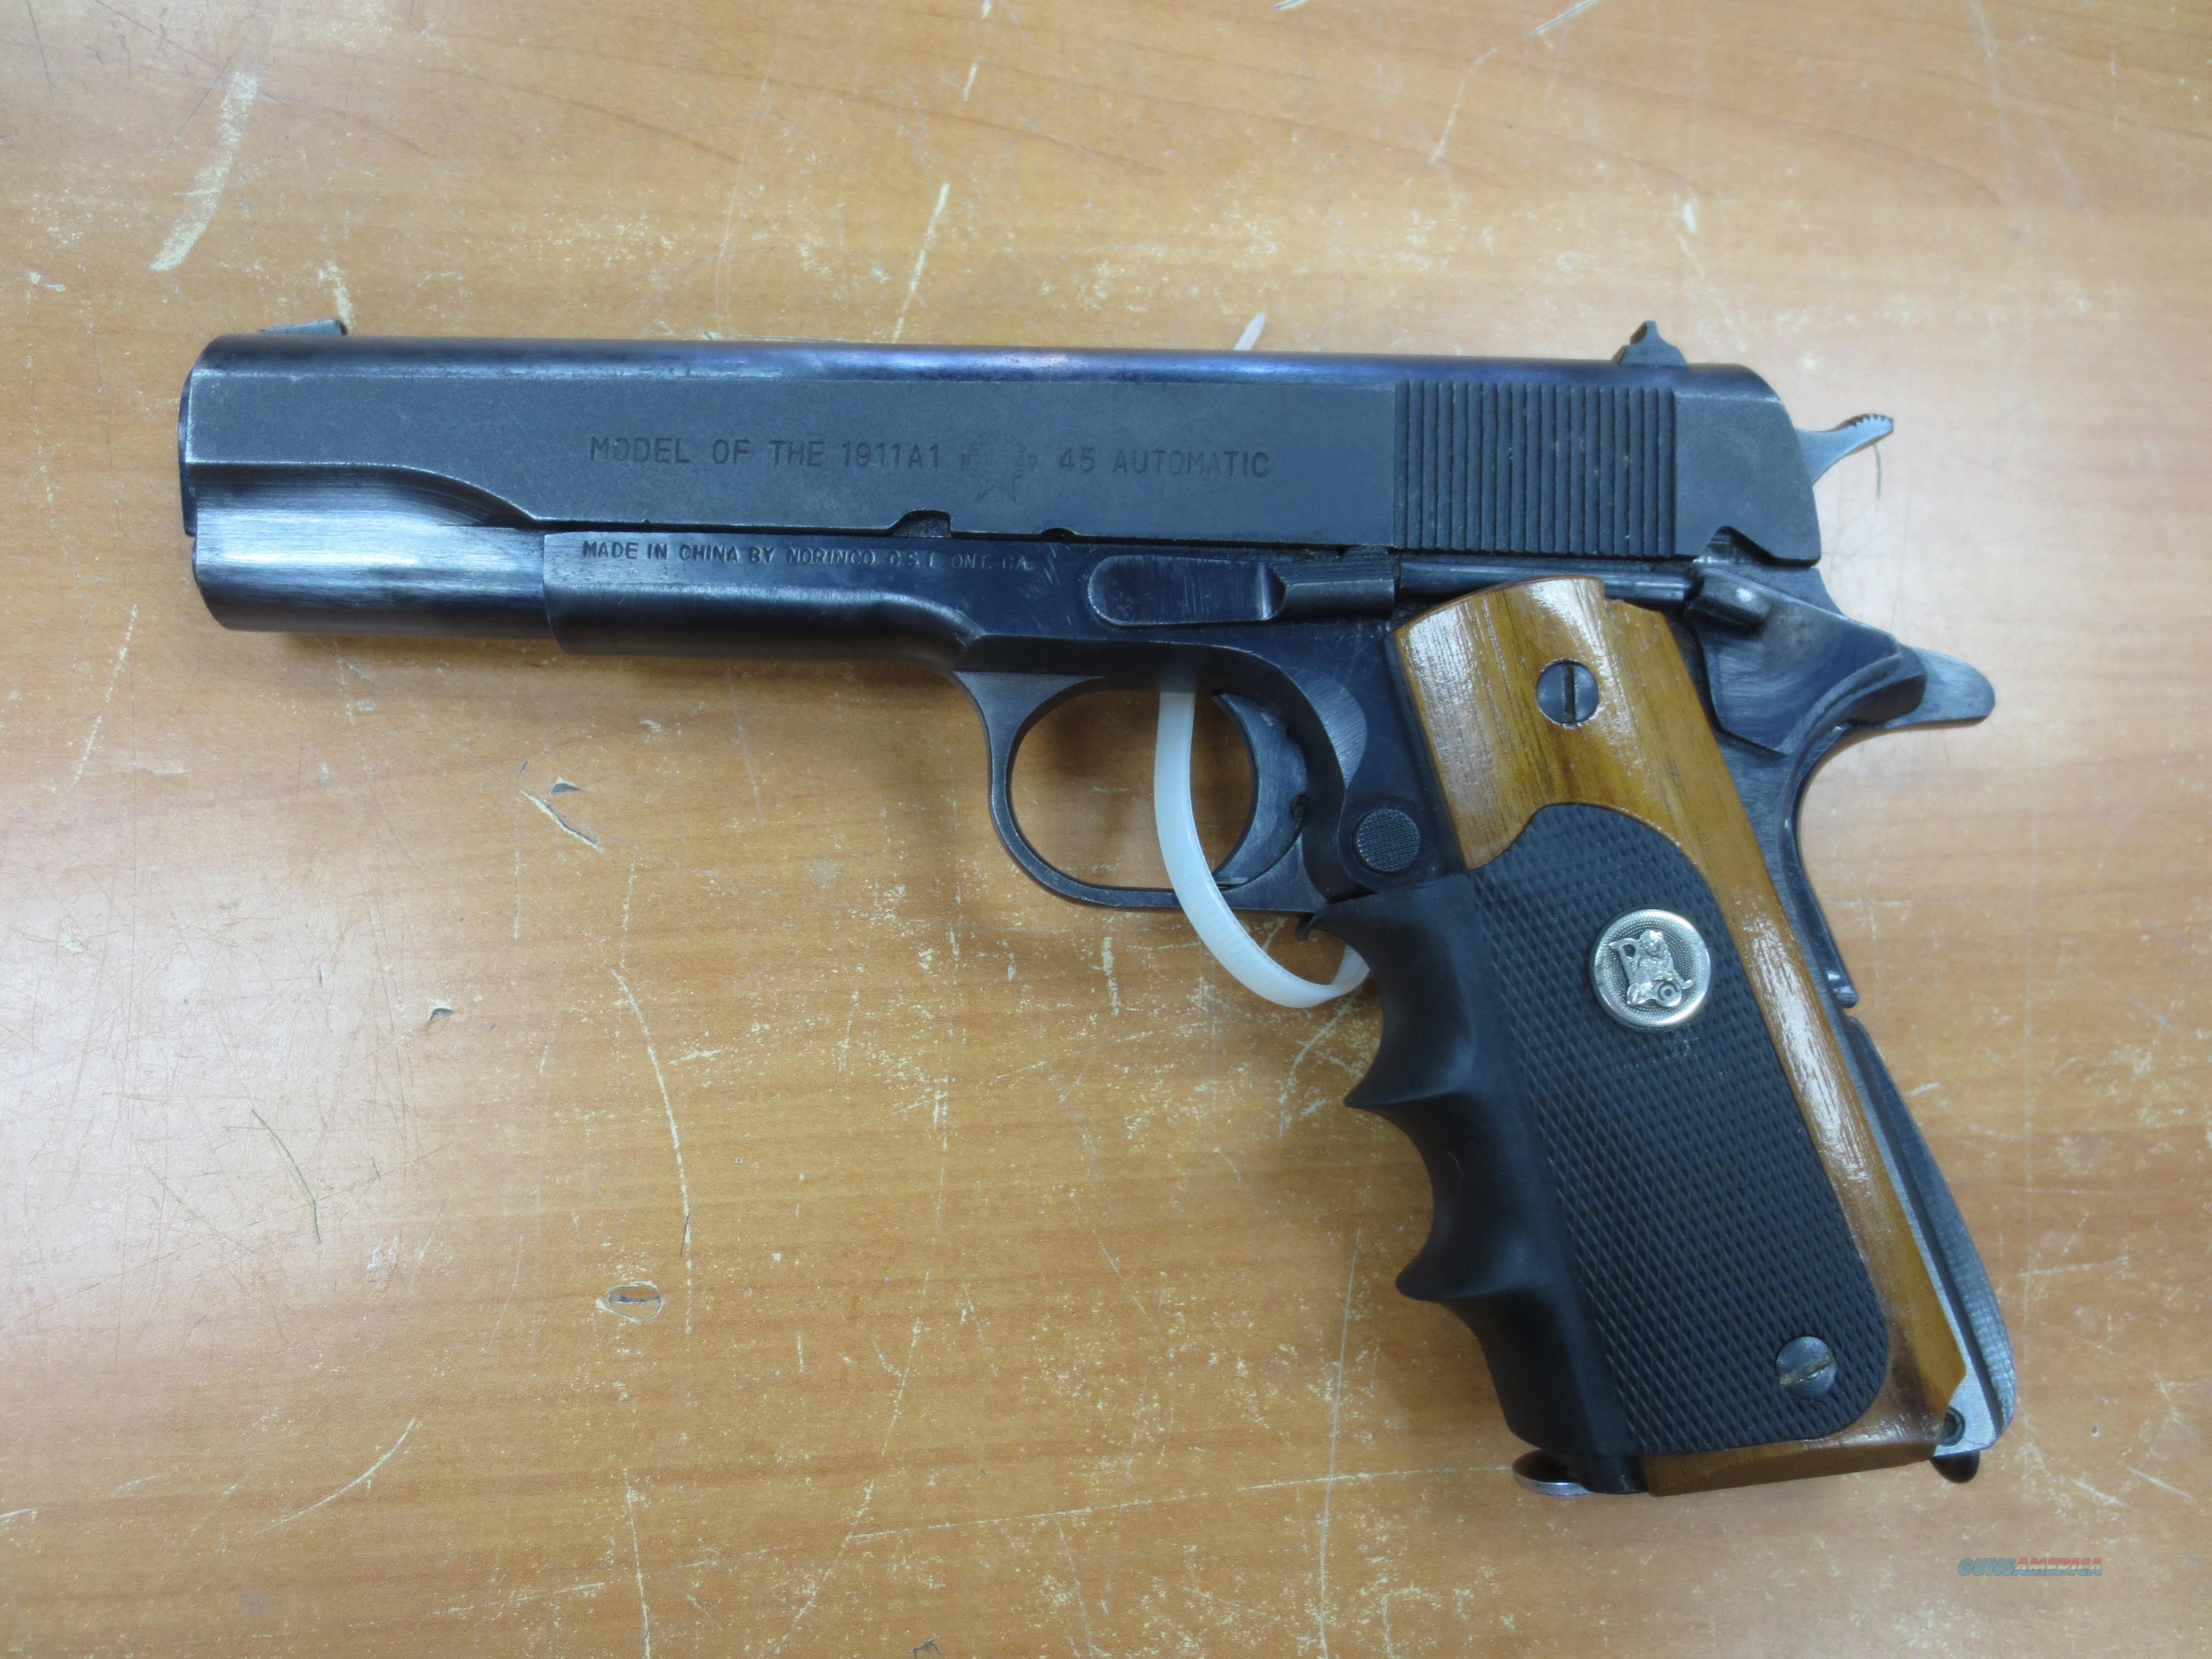 Norinco model 1911A1  .45 acp  Guns > Pistols > Norinco Pistols